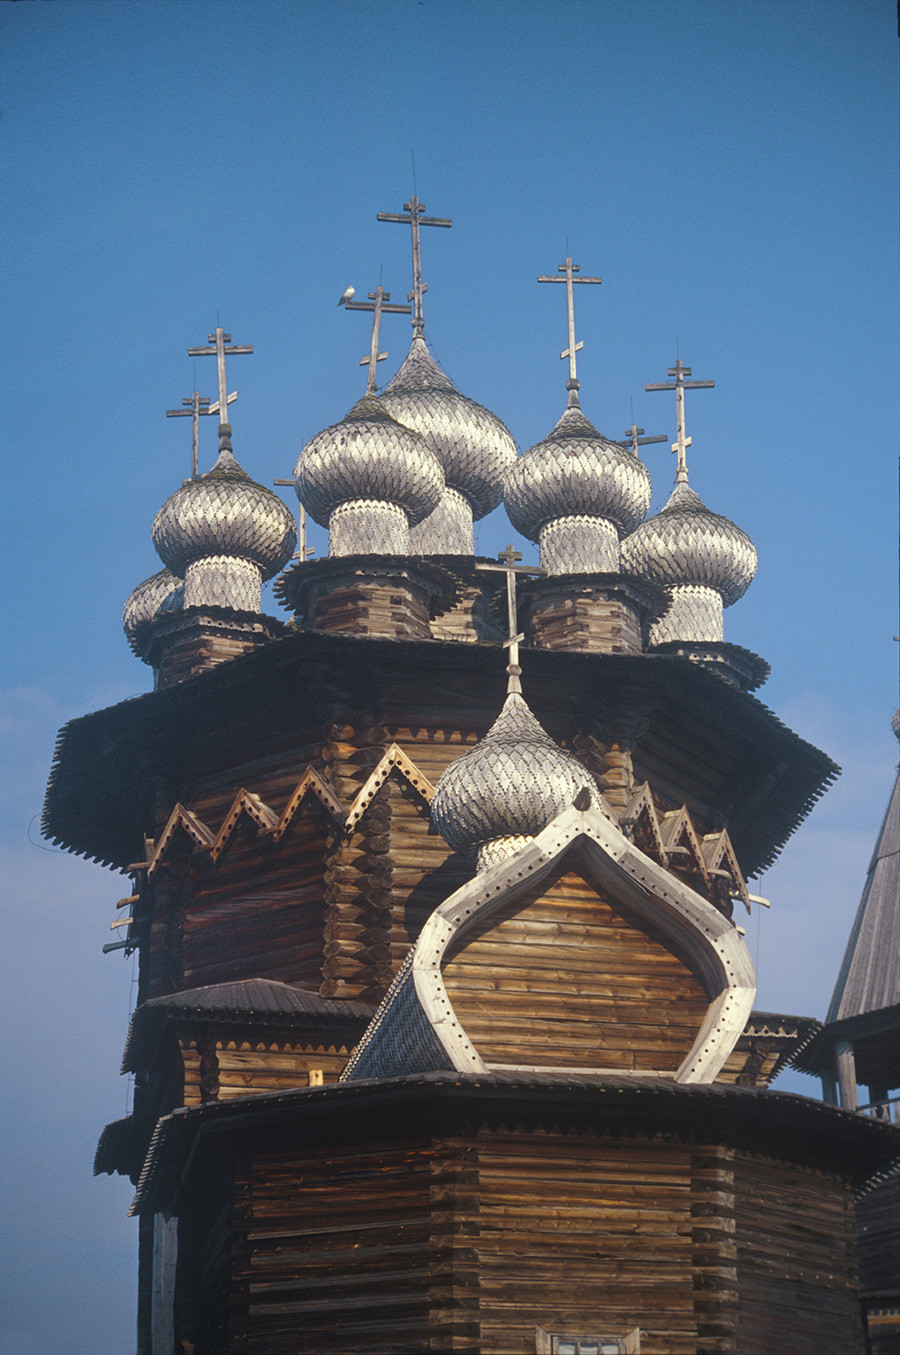 Iglesia de la Intercesión, vista este. Caños de lluvia de madera visibles en la parte inferior del patrón de comillas angulares. 13 de julio de 2007